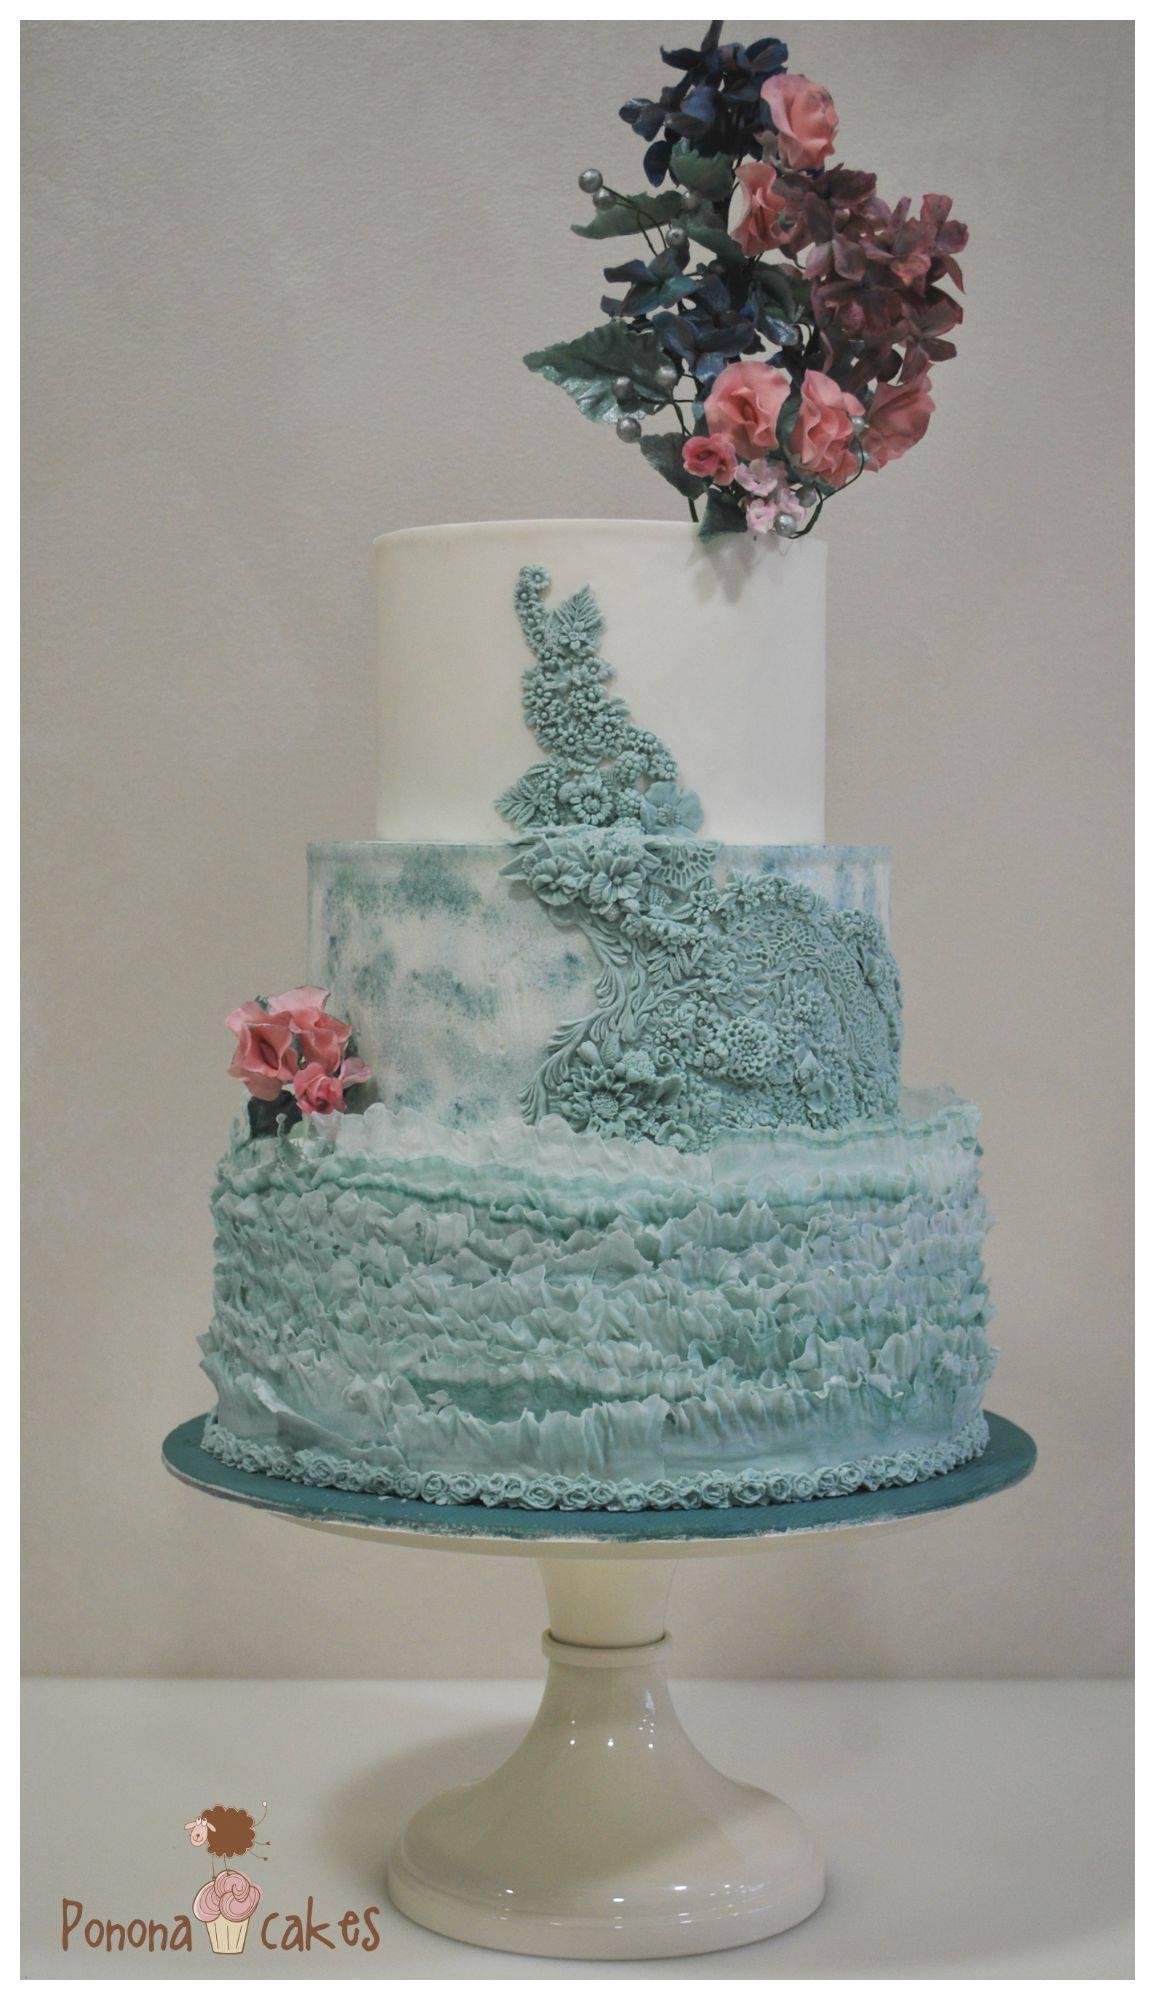 White & turquoise textured wedding